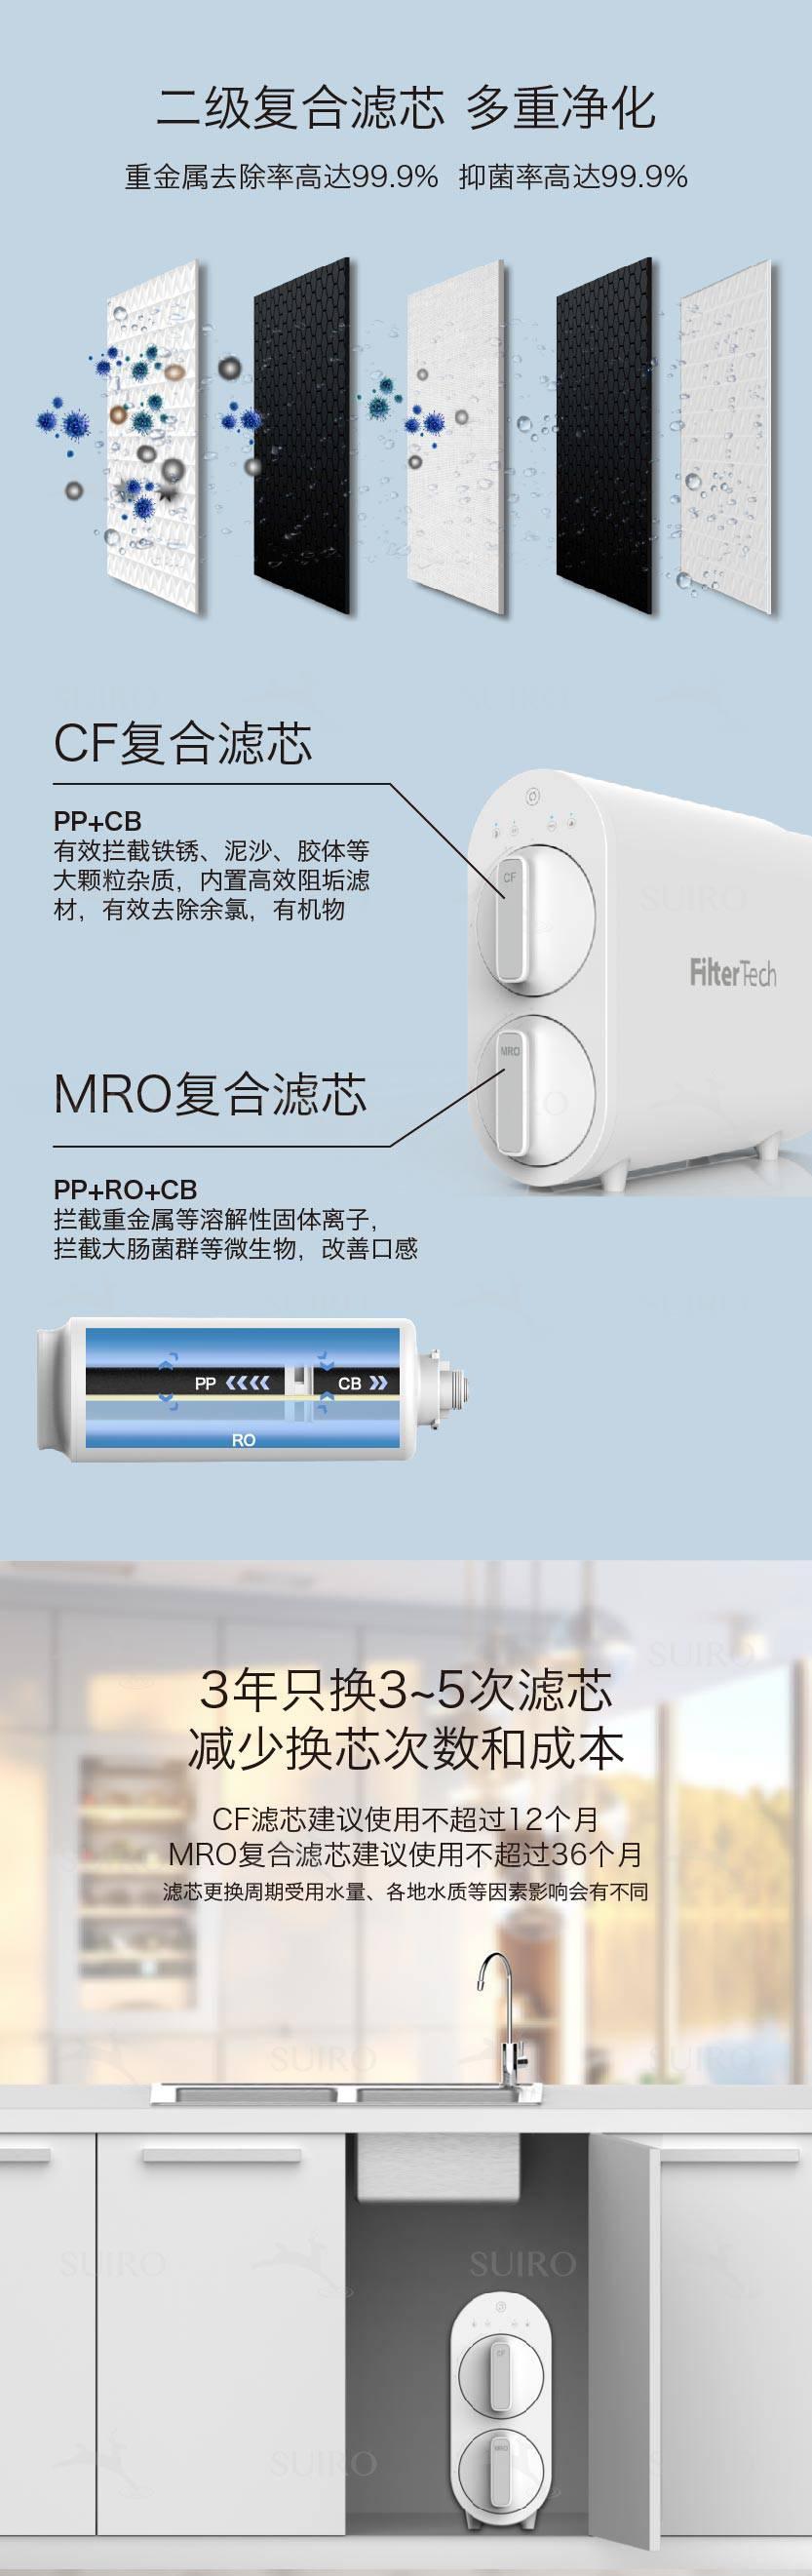 G4RO-滤芯